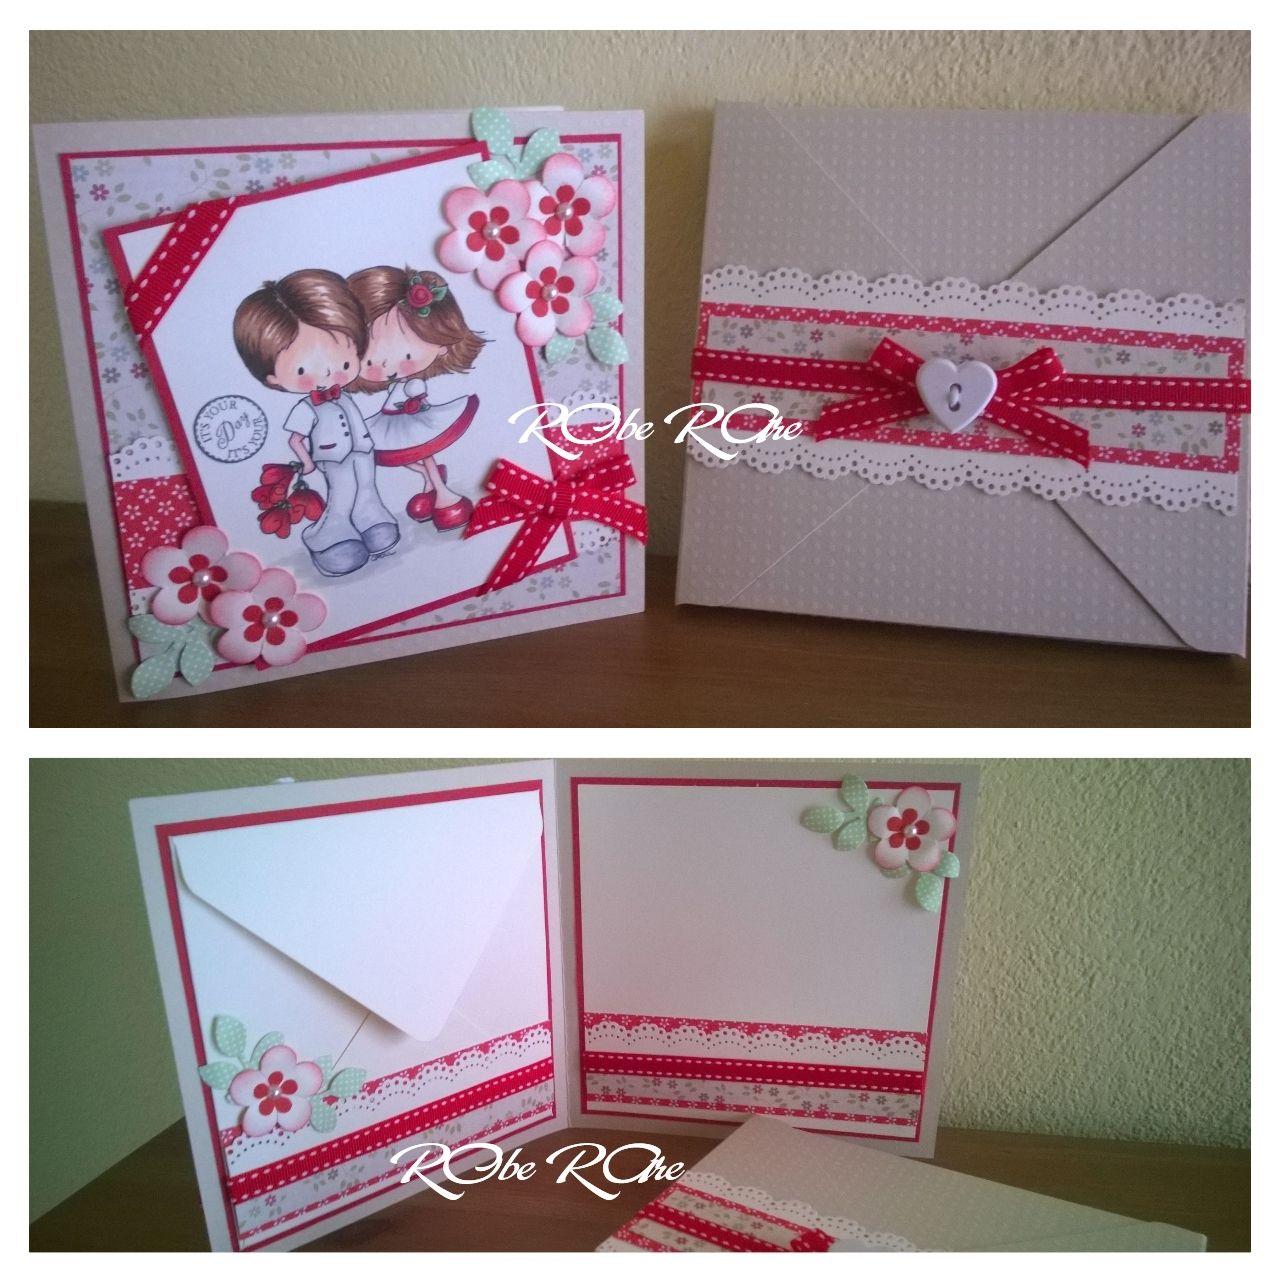 Auguri Matrimonio Busta : Biglietto auguri matrimonio in rosso con busta portasoldi